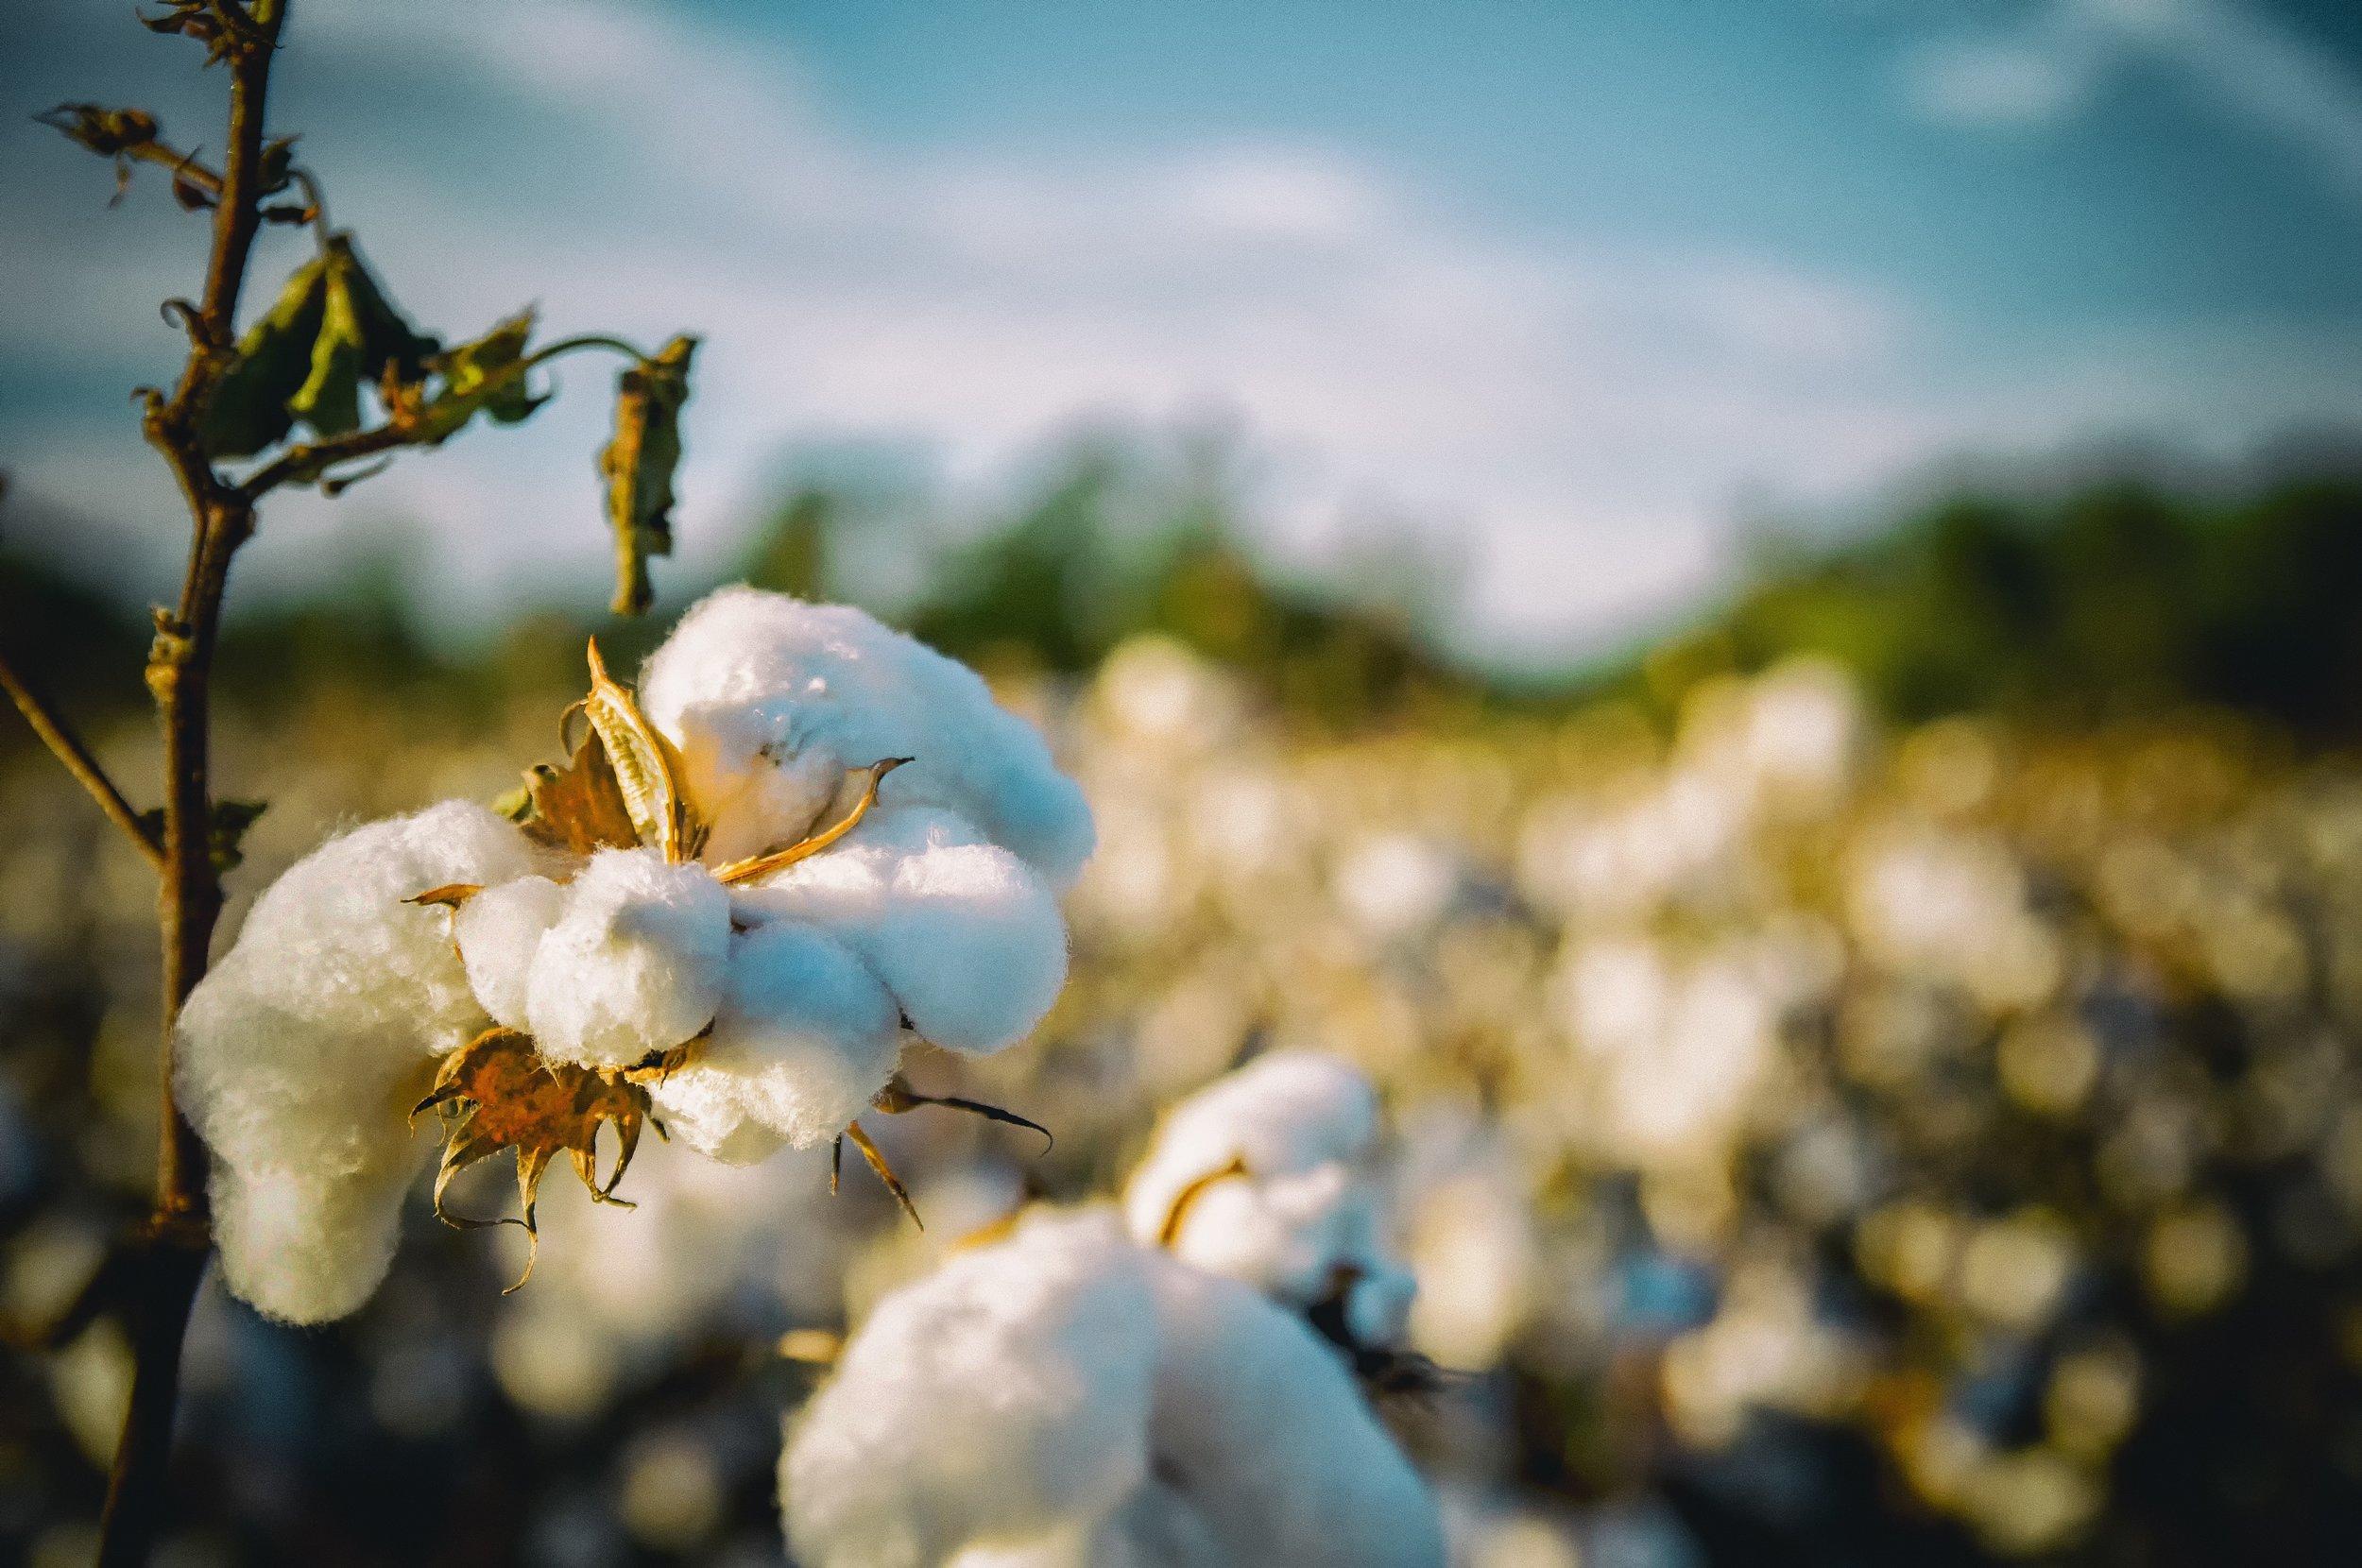 Le papier coton - Le papier coton est produit principalement en Inde depuis des temps immémoriaux (plusieurs siècles avant notre ère), après que les Chinois y eurent introduit cette méthode. Le papier coton est fabriqué exclusivement à partir de coton recyclé. Ce sont des restes de l'industrie du vêtement et du papier. Le coton neuf n'est utilisé que pour les draps blancs. Des chiffons de coton sont transportés du monde entier en Inde pour la production de ce papier.